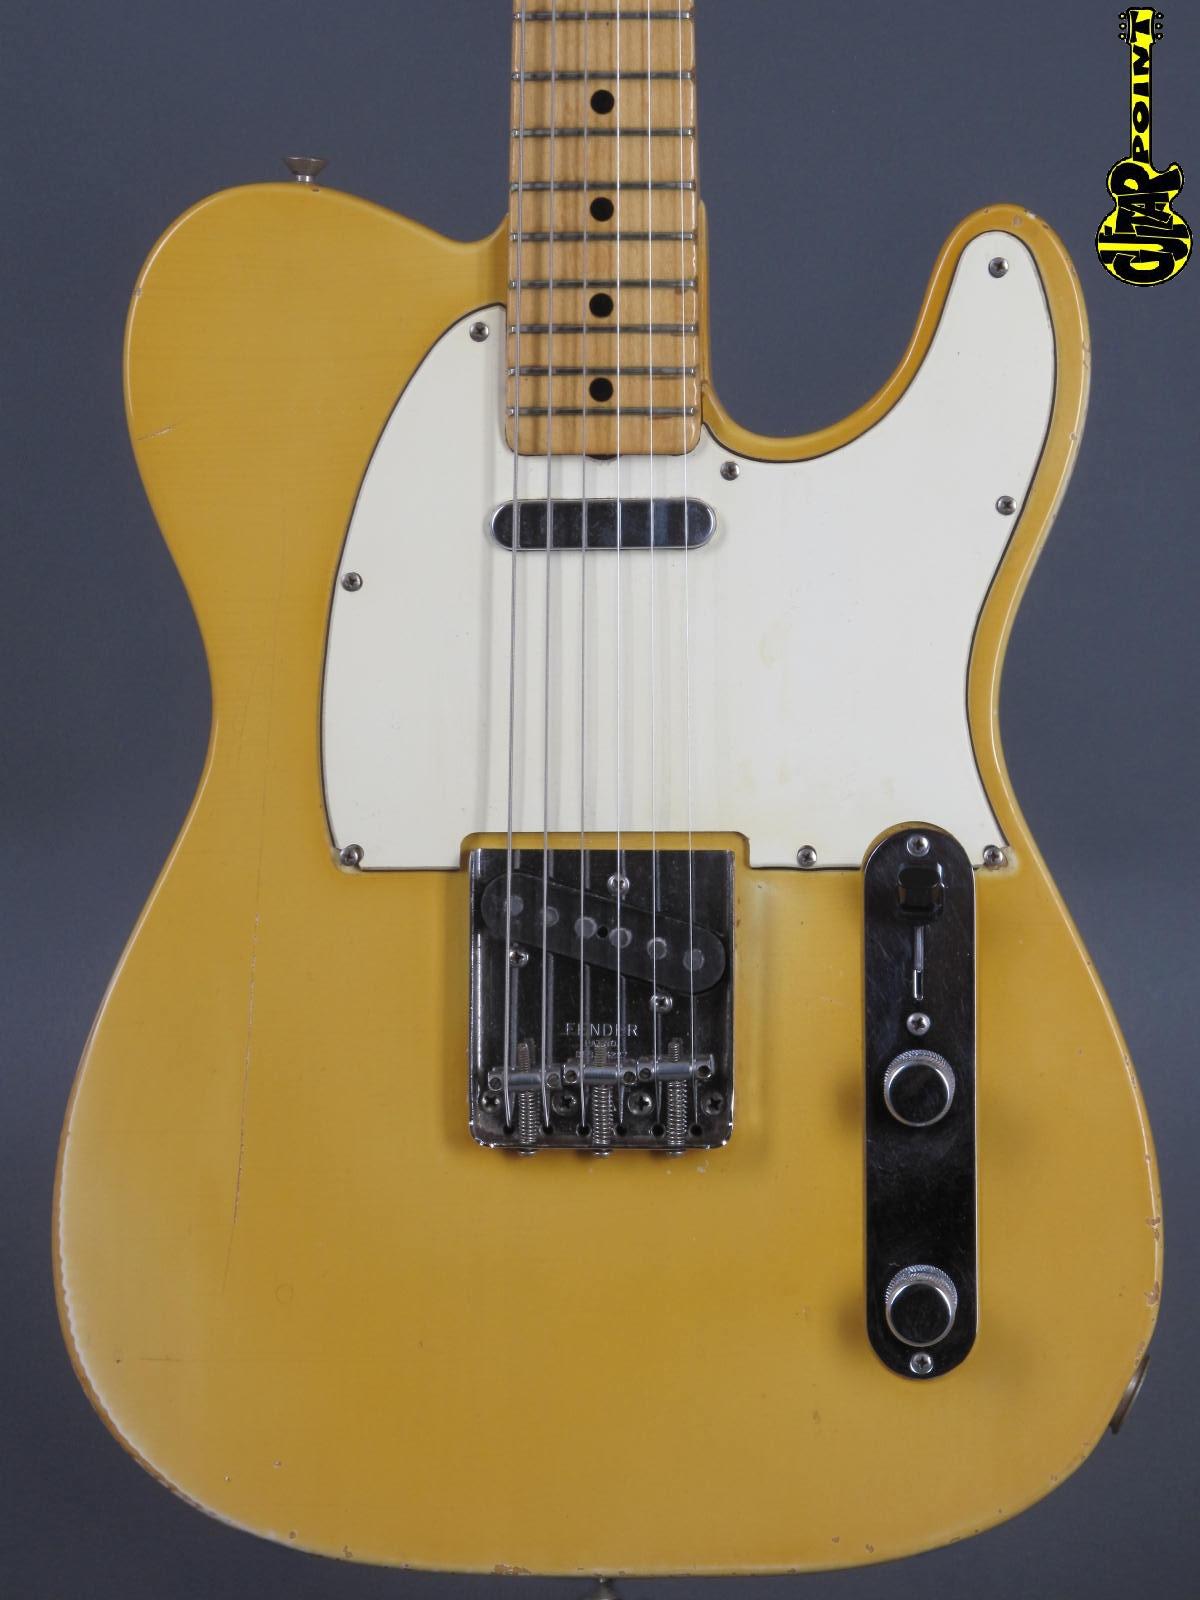 1969 Fender Telecaster - Blond